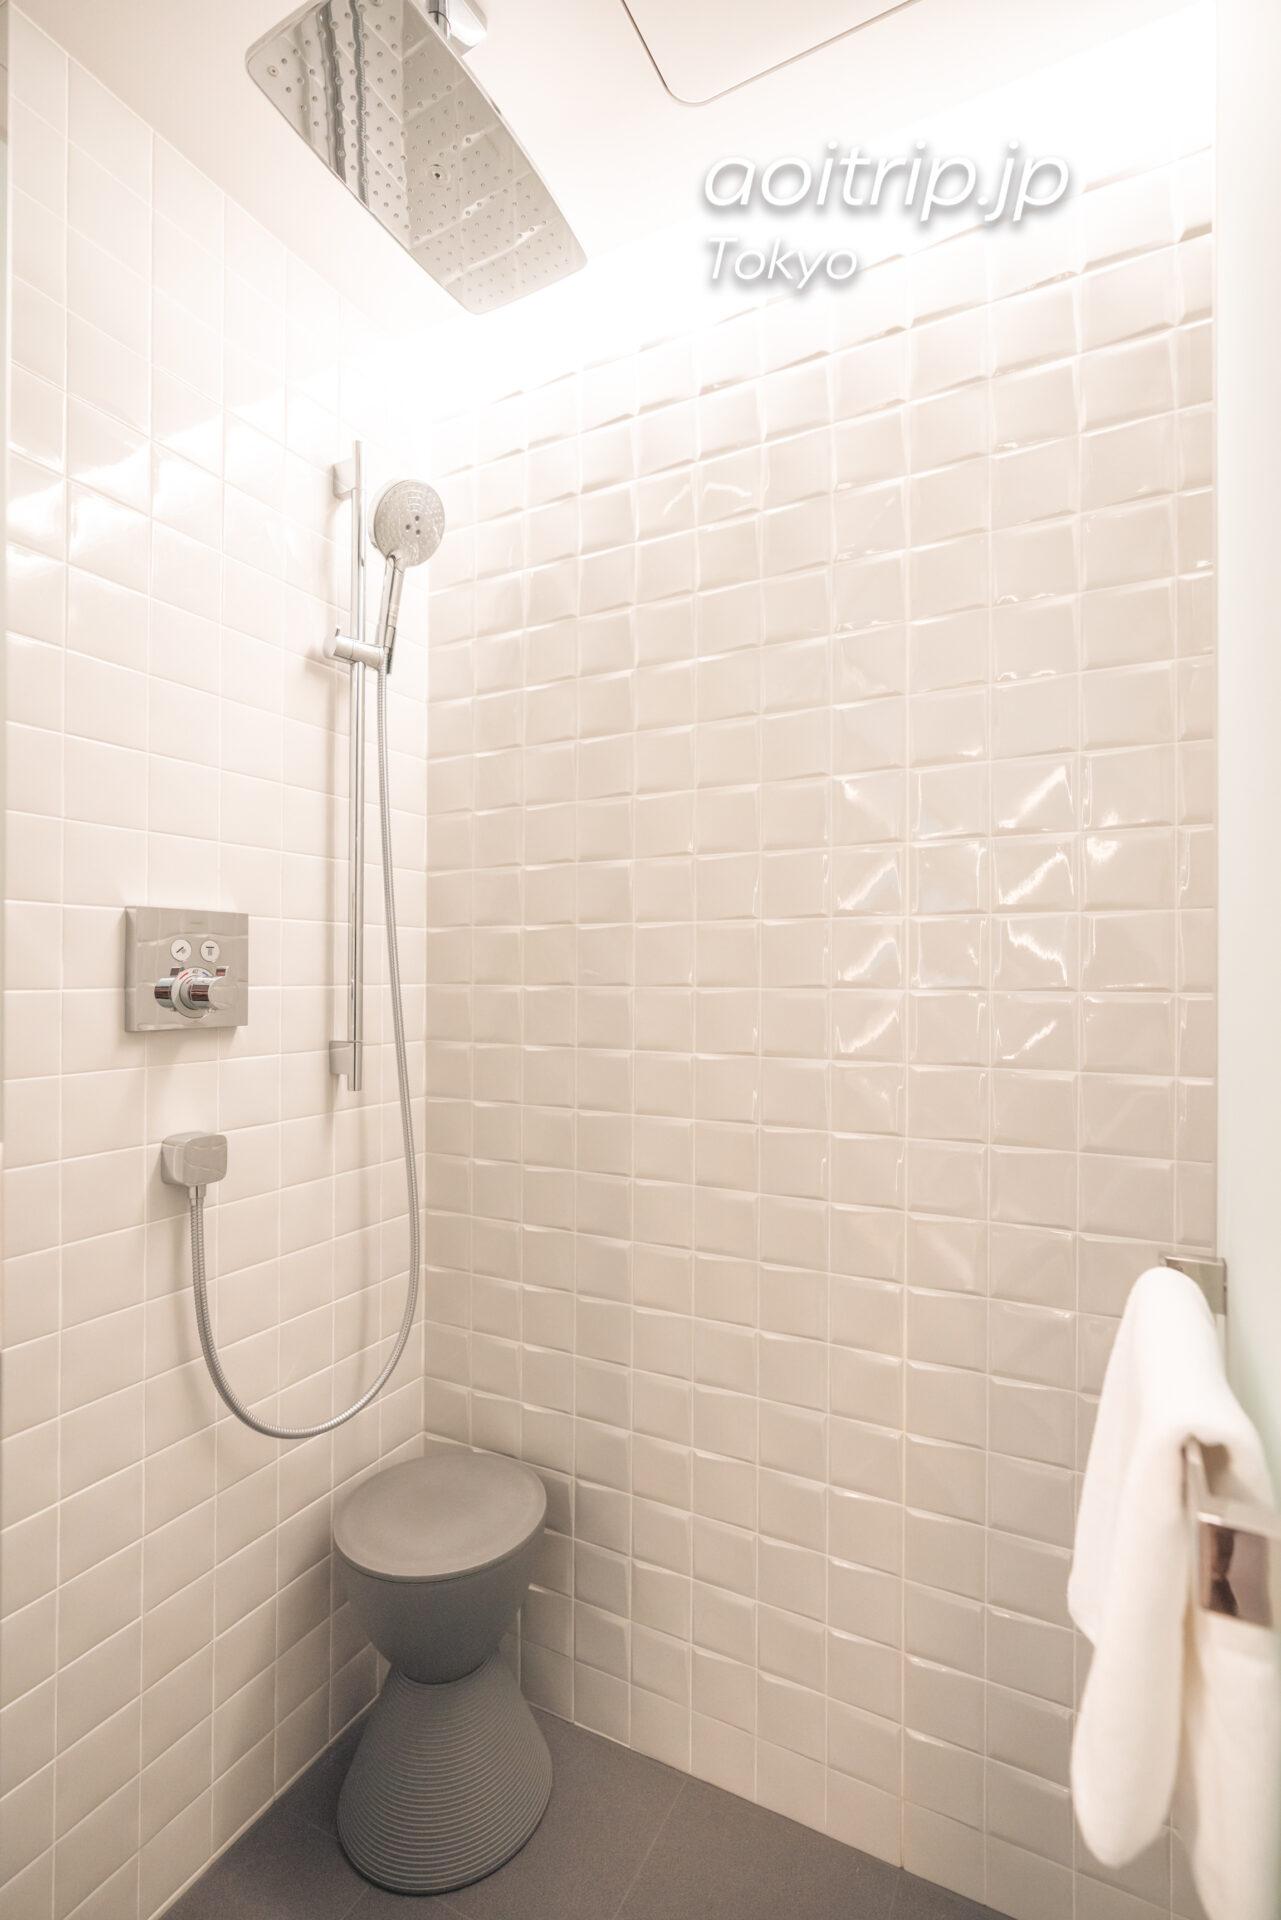 アロフト東京銀座のバスルーム